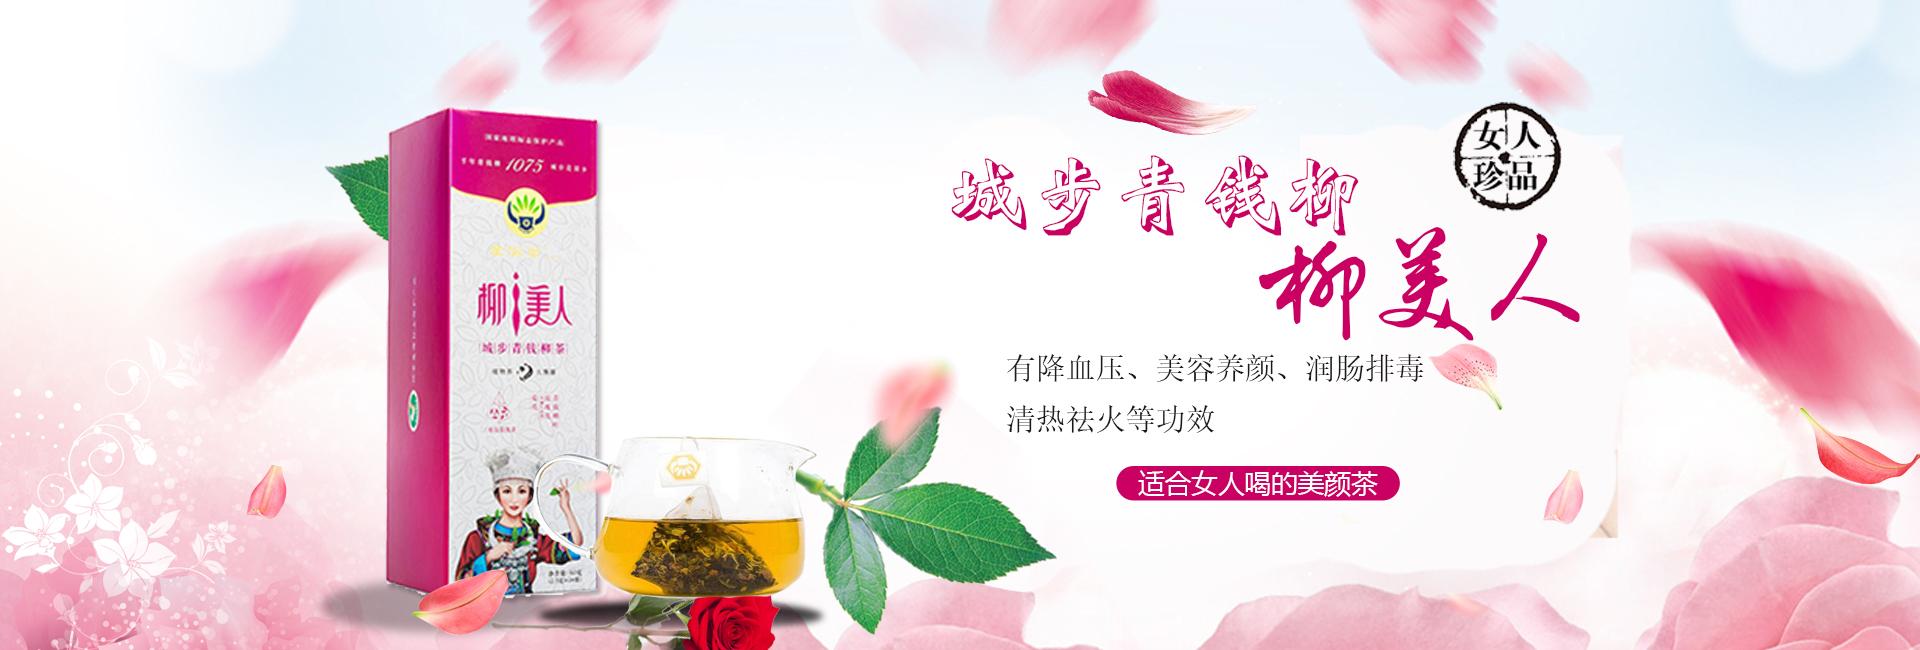 城步青钱柳·柳美人